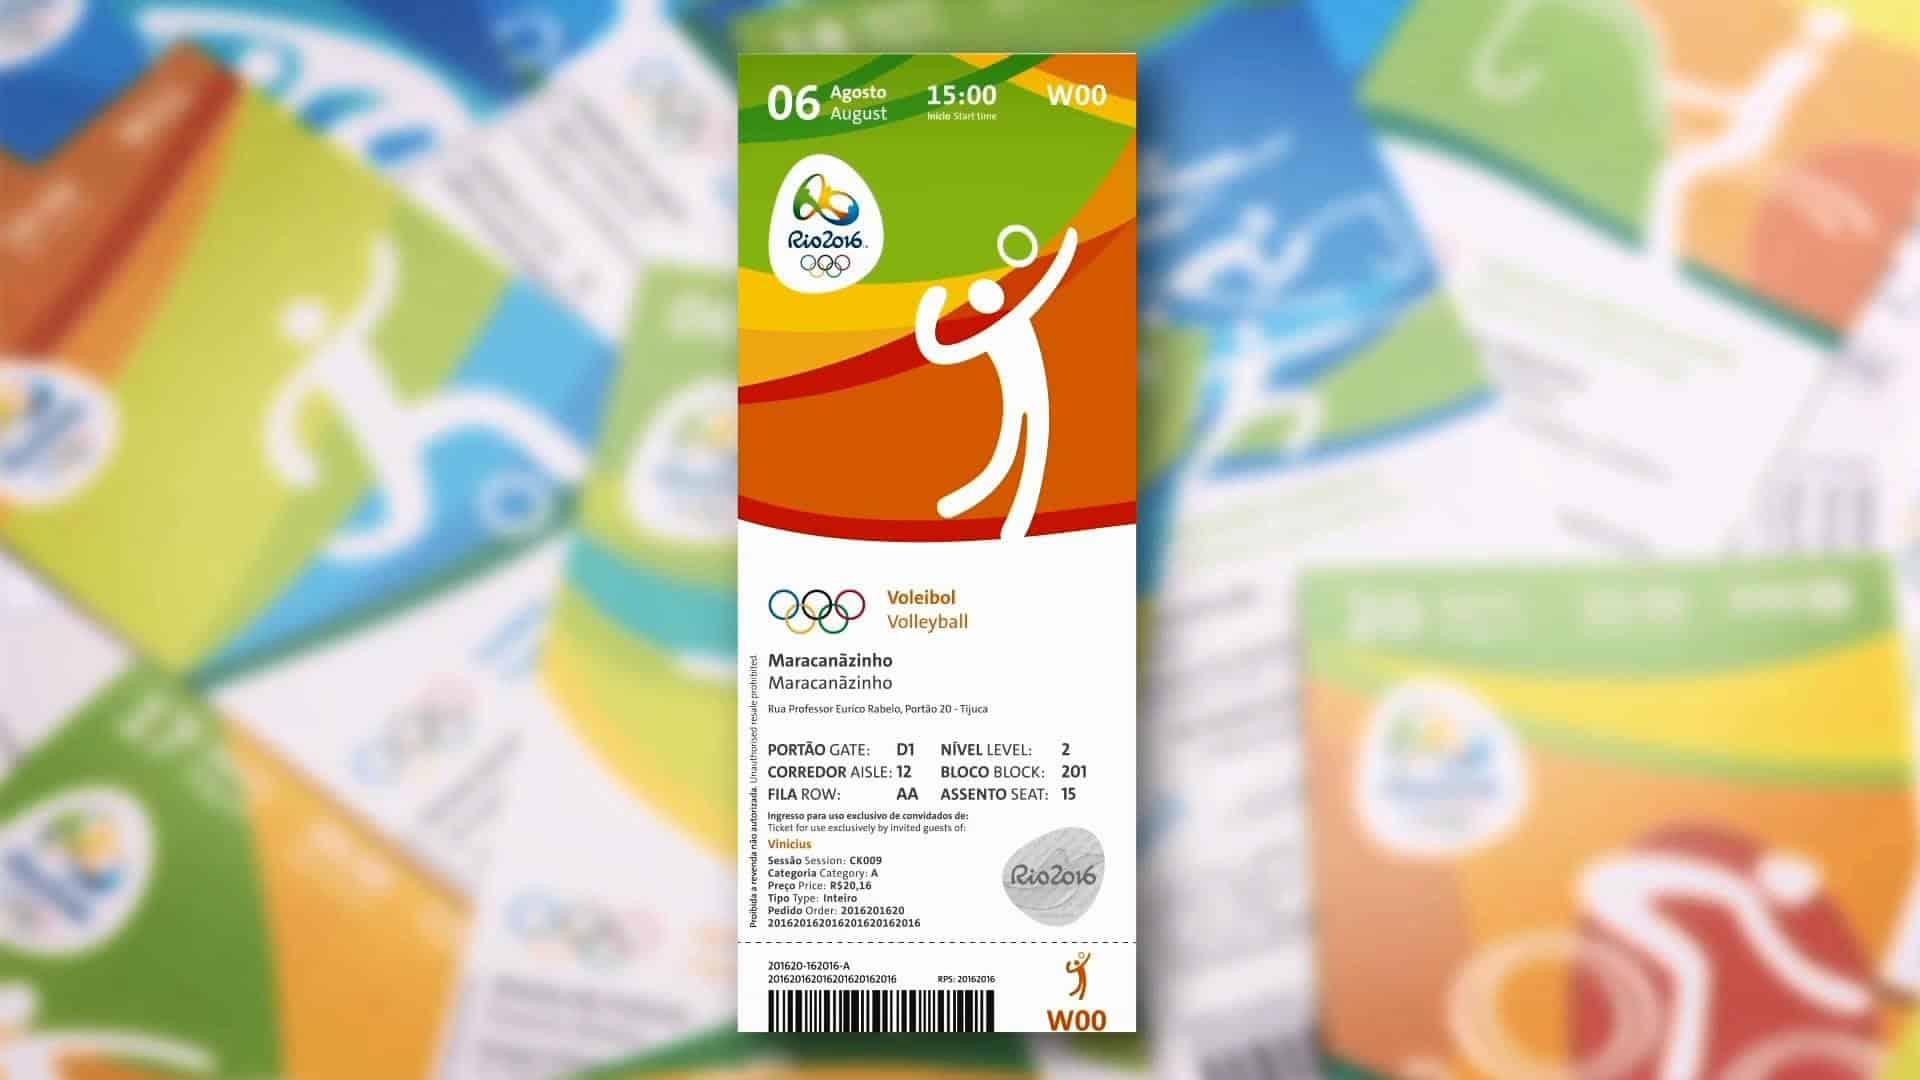 Juegos Olímpicos Río 2016: Las Webs con falsas ventas de boletos son una de las estafas .